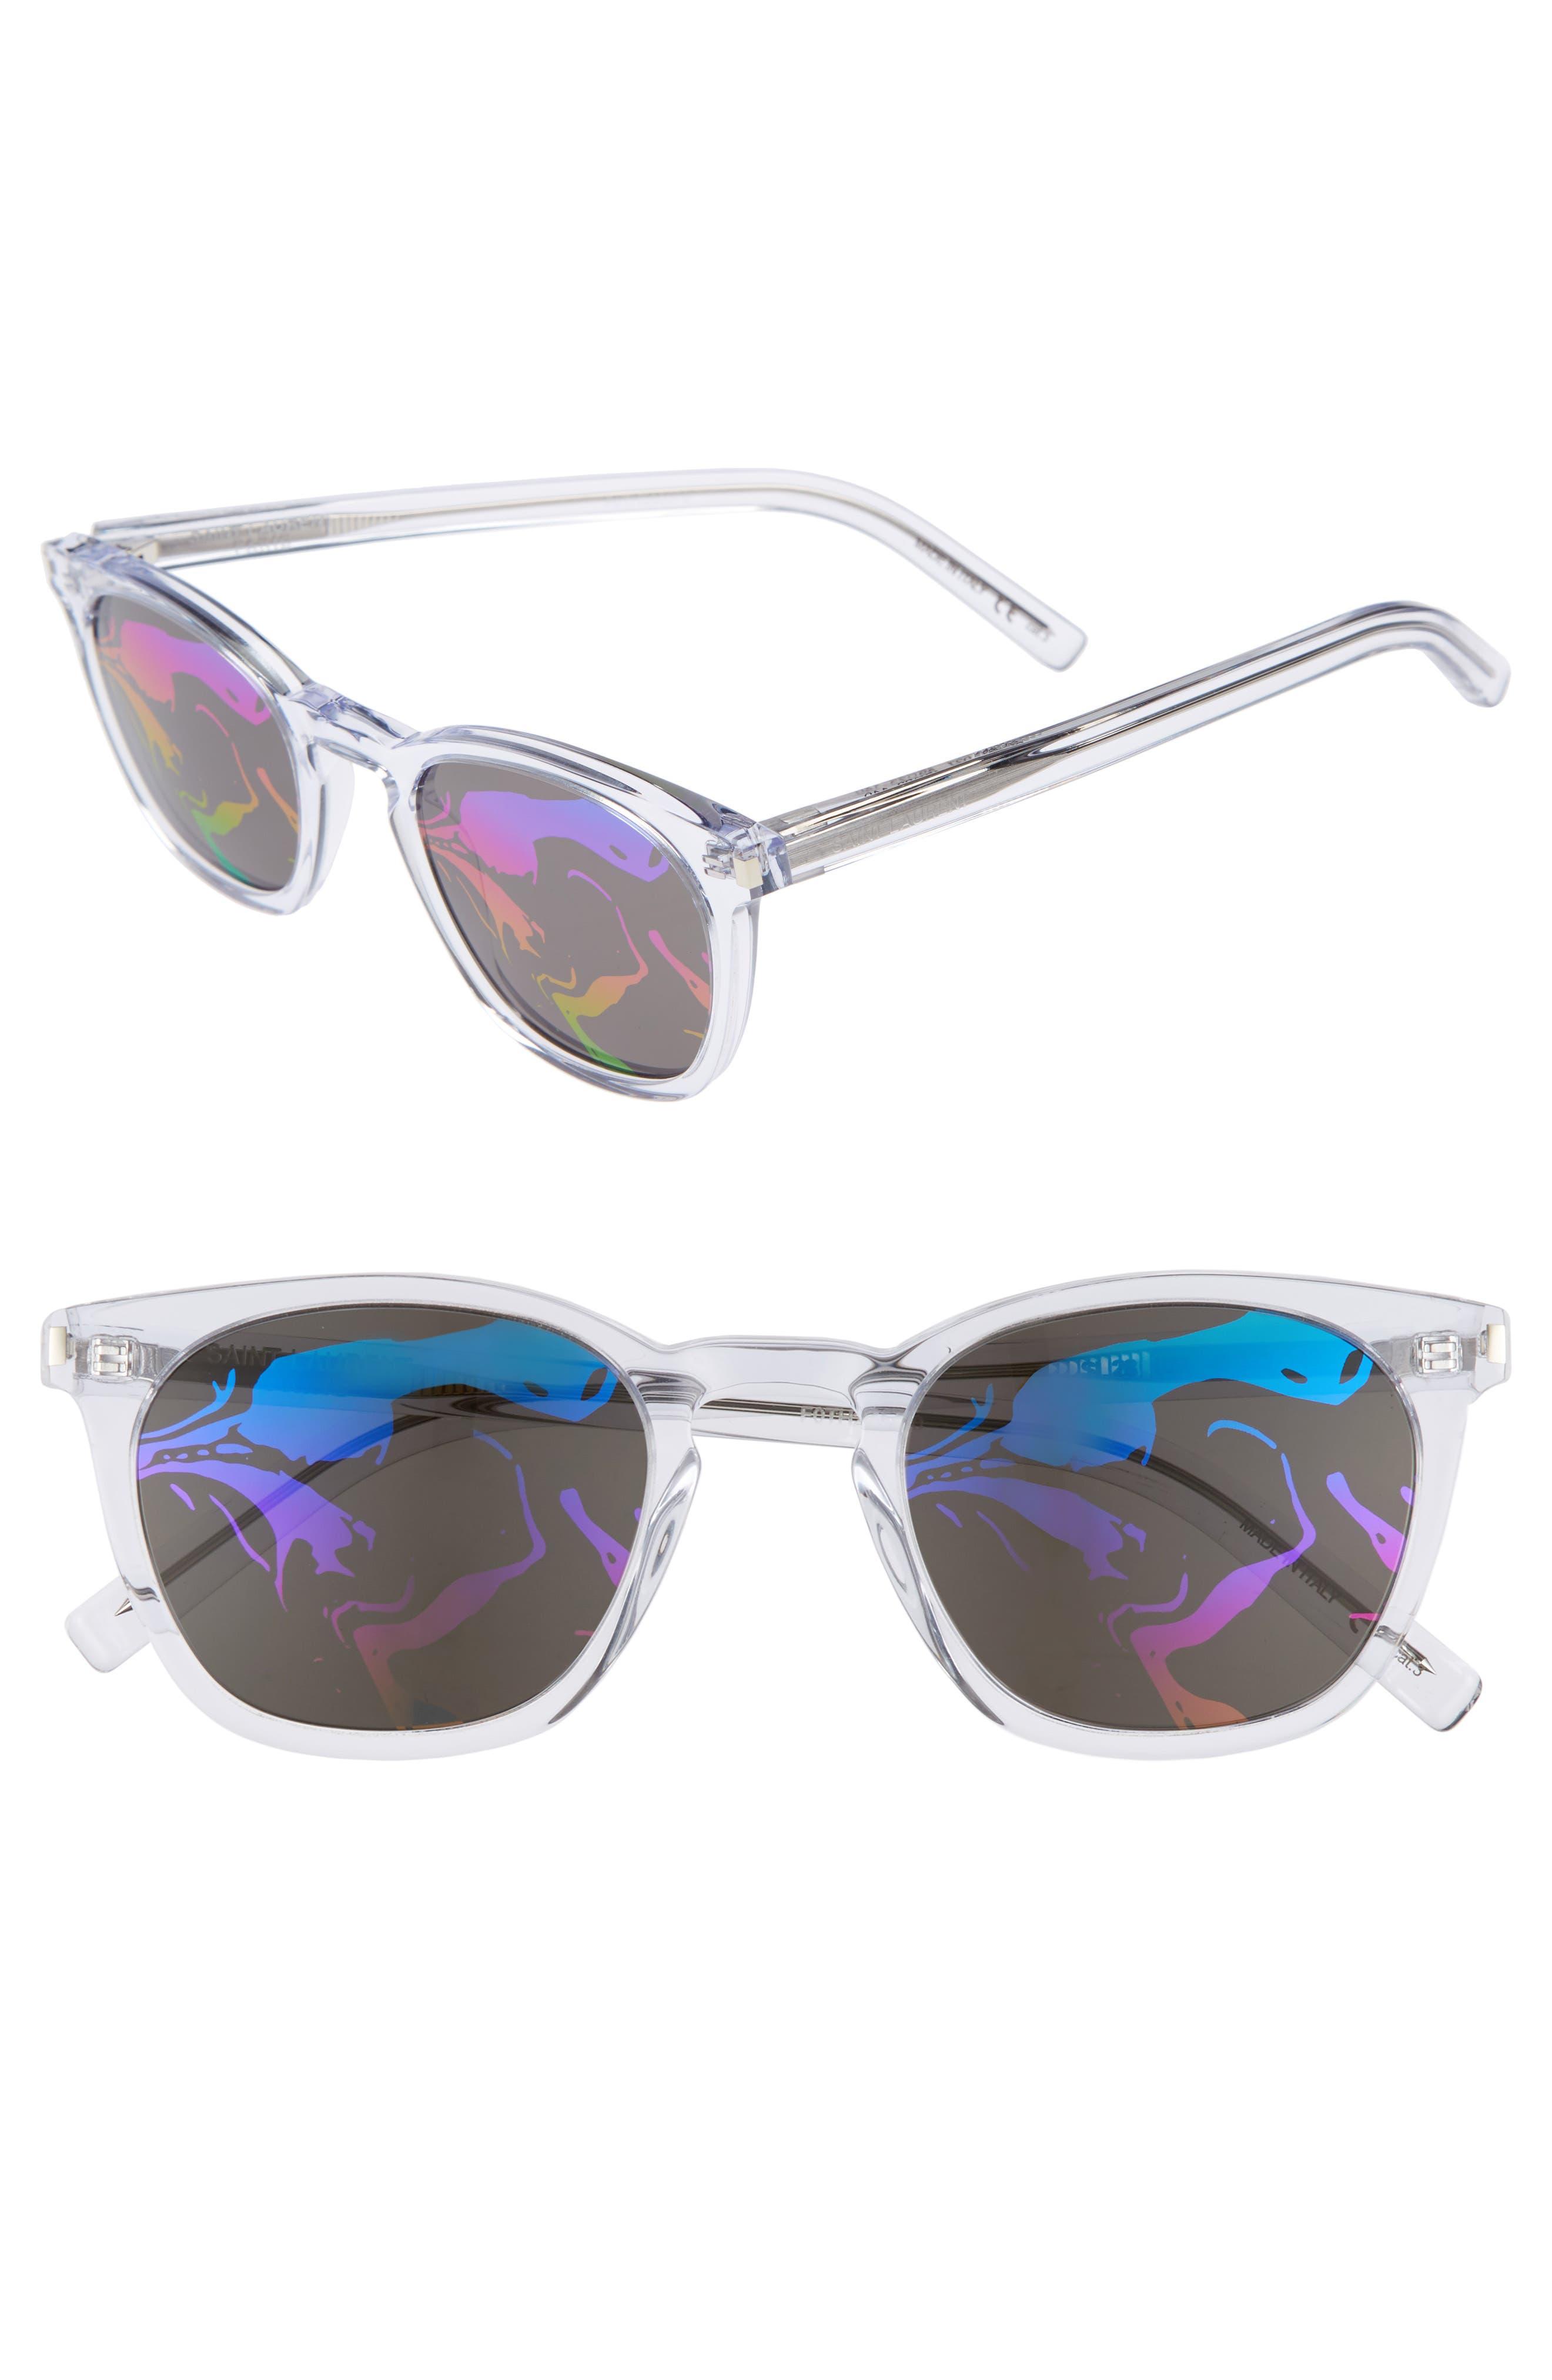 Saint Laurent SL28 49mm Sunglasses